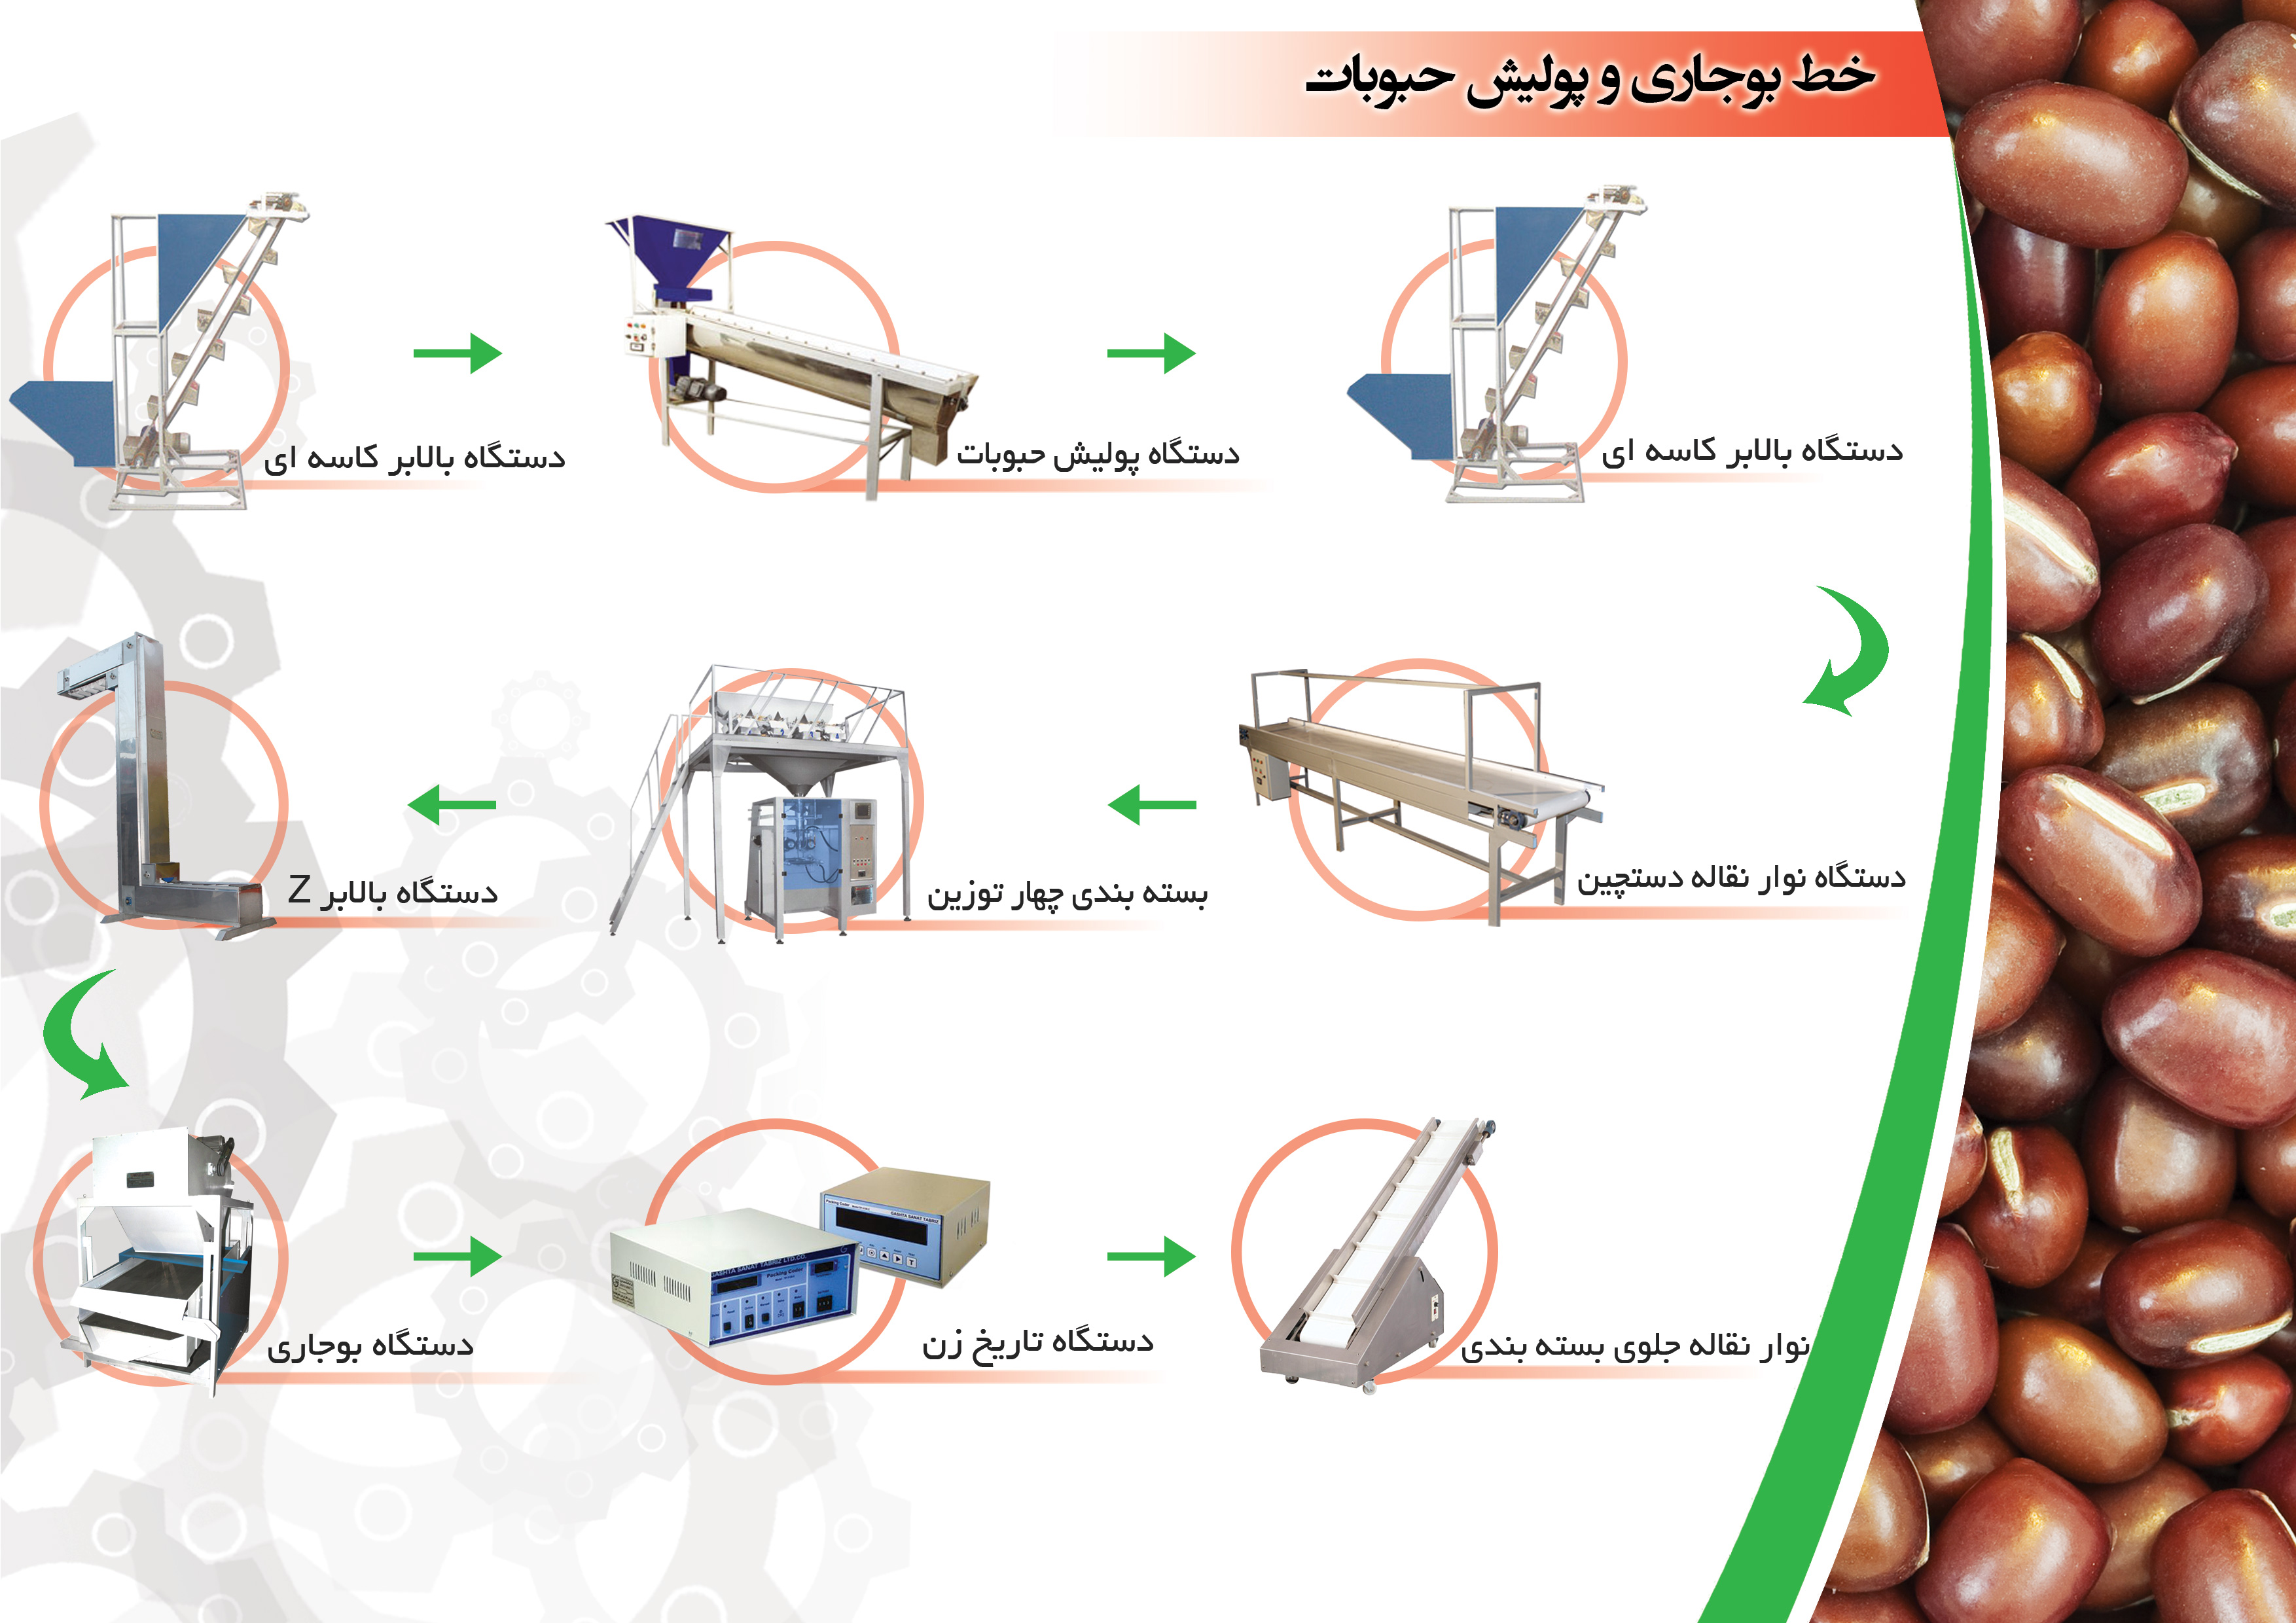 دستگاه های بسته بندی خشکبار و حبوبات